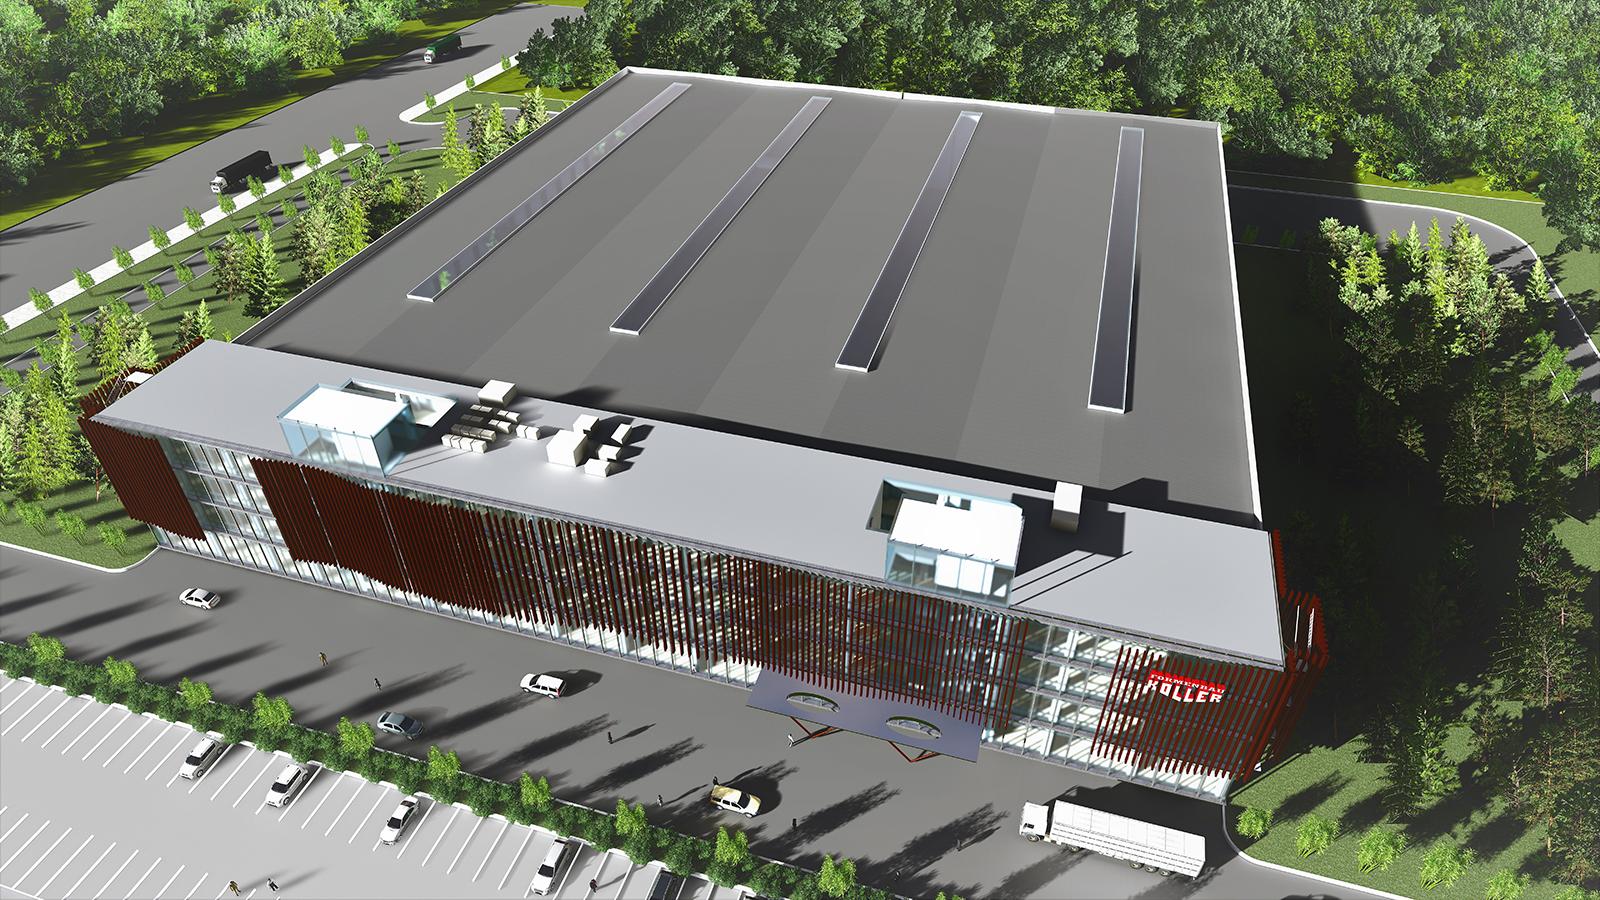 Die Koller-Gruppe expandiert weiter und baut erstes Leichtbauzentrum in China